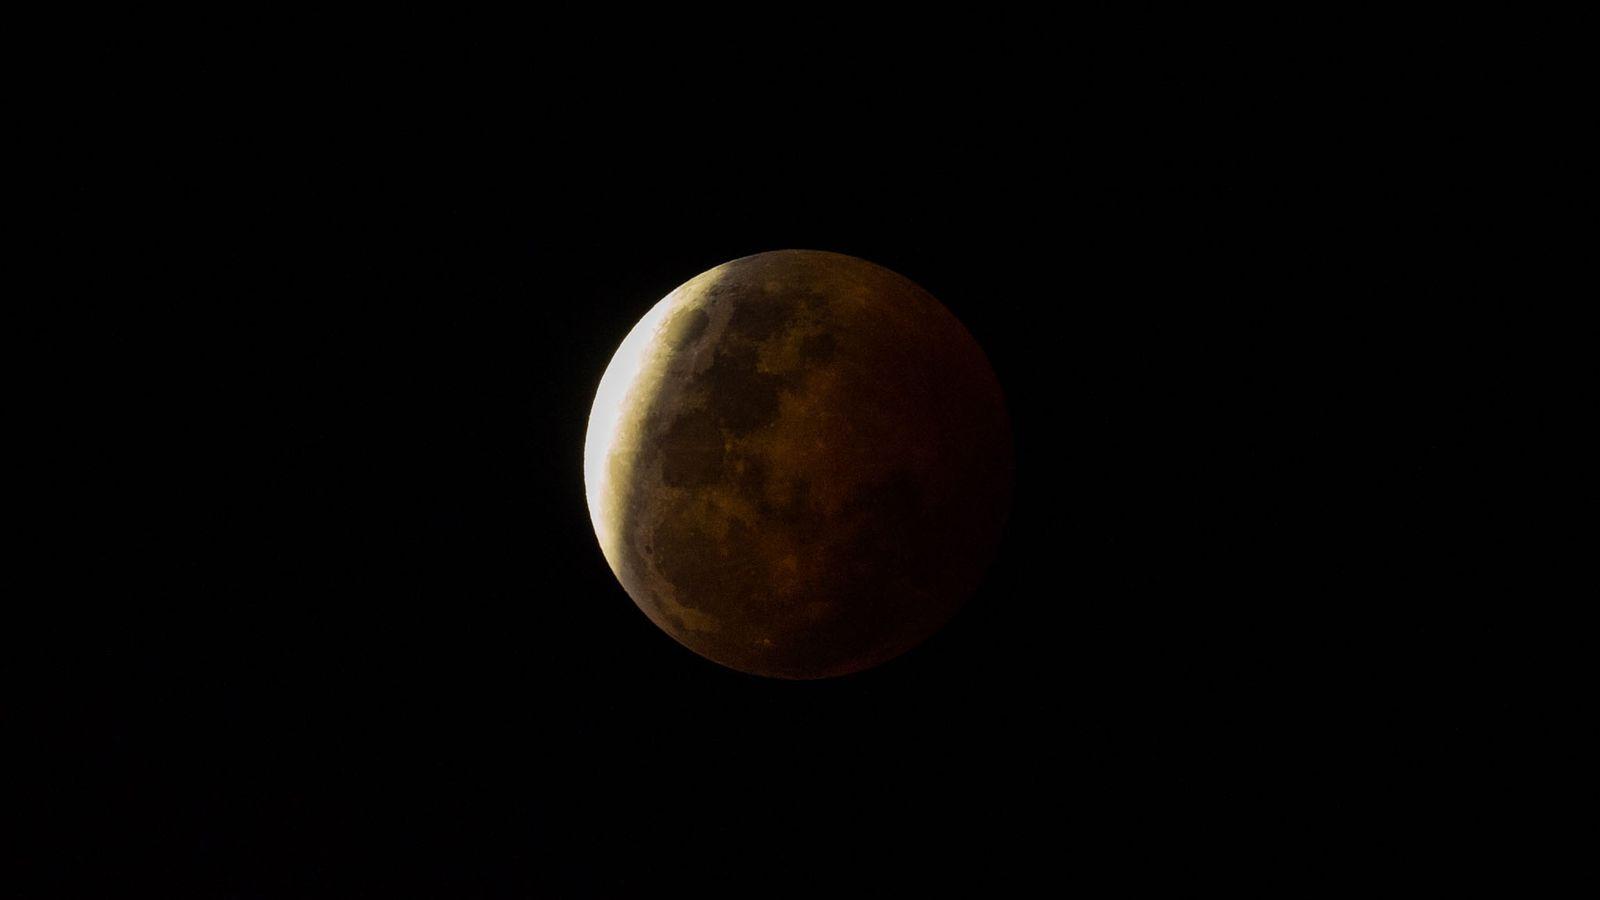 Une ombre assombrit la surface de la Lune durant une éclipse lunaire.